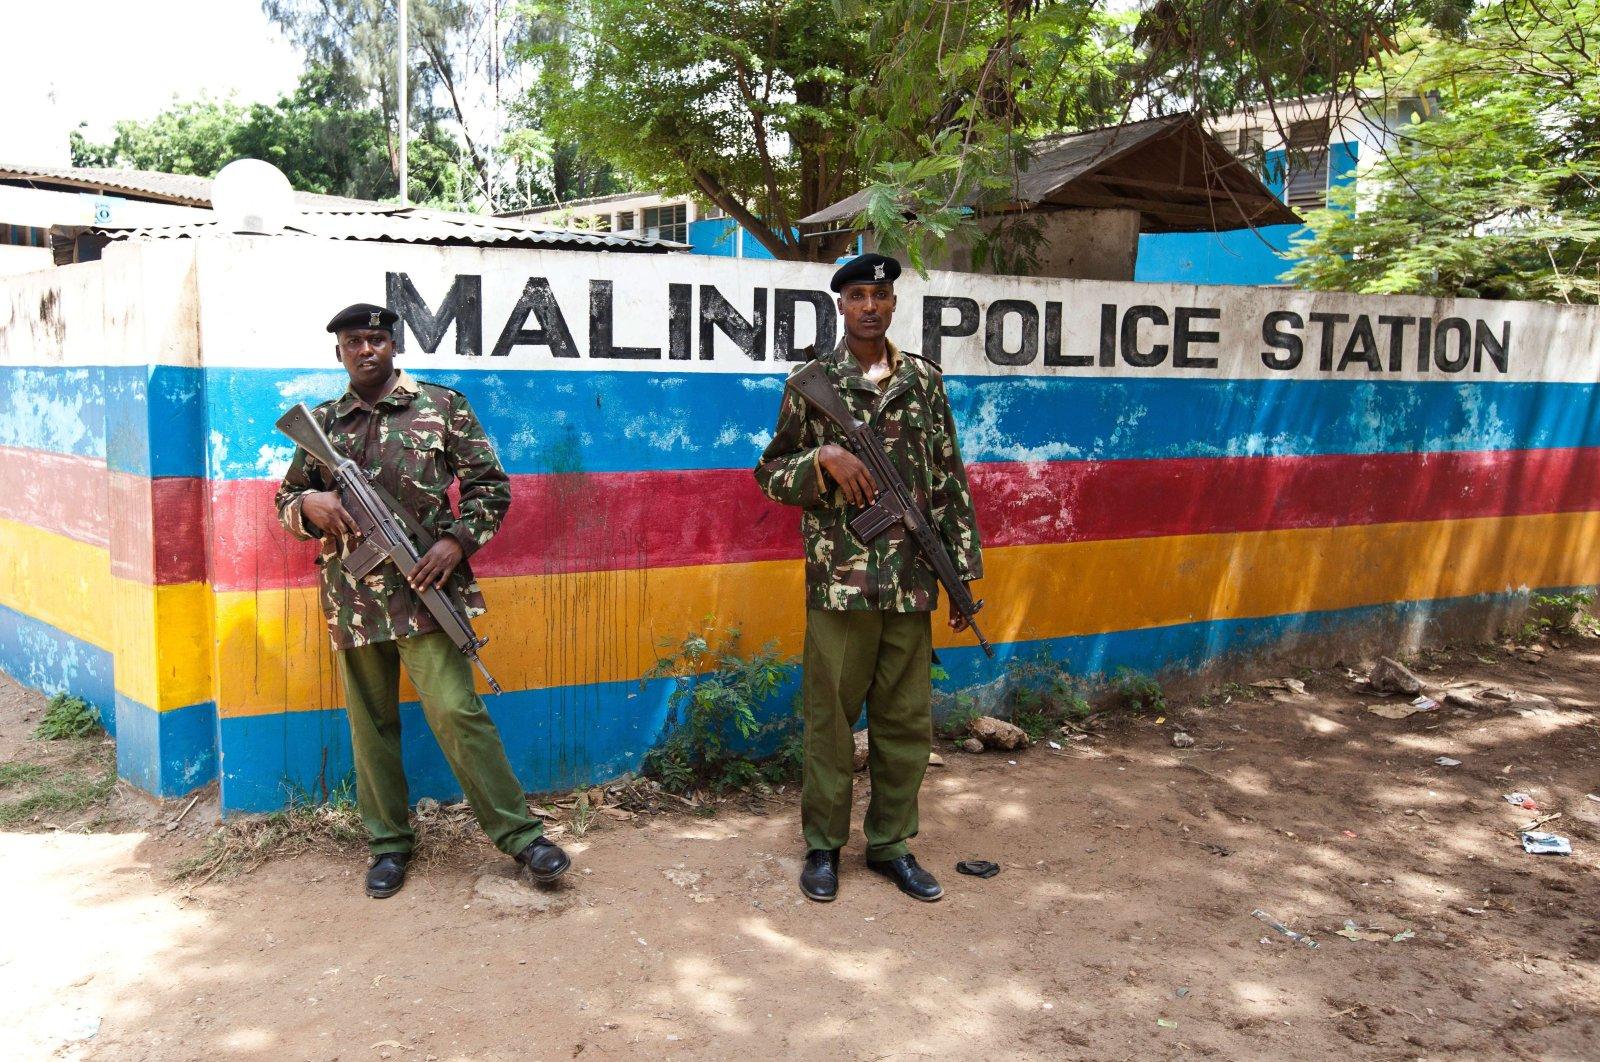 Two Kenyan General Service Unit Officers (GSU) stand guard outside the Malindi Police Station, Malindi, Kenya, March 28, 2013. (AFP Photo)